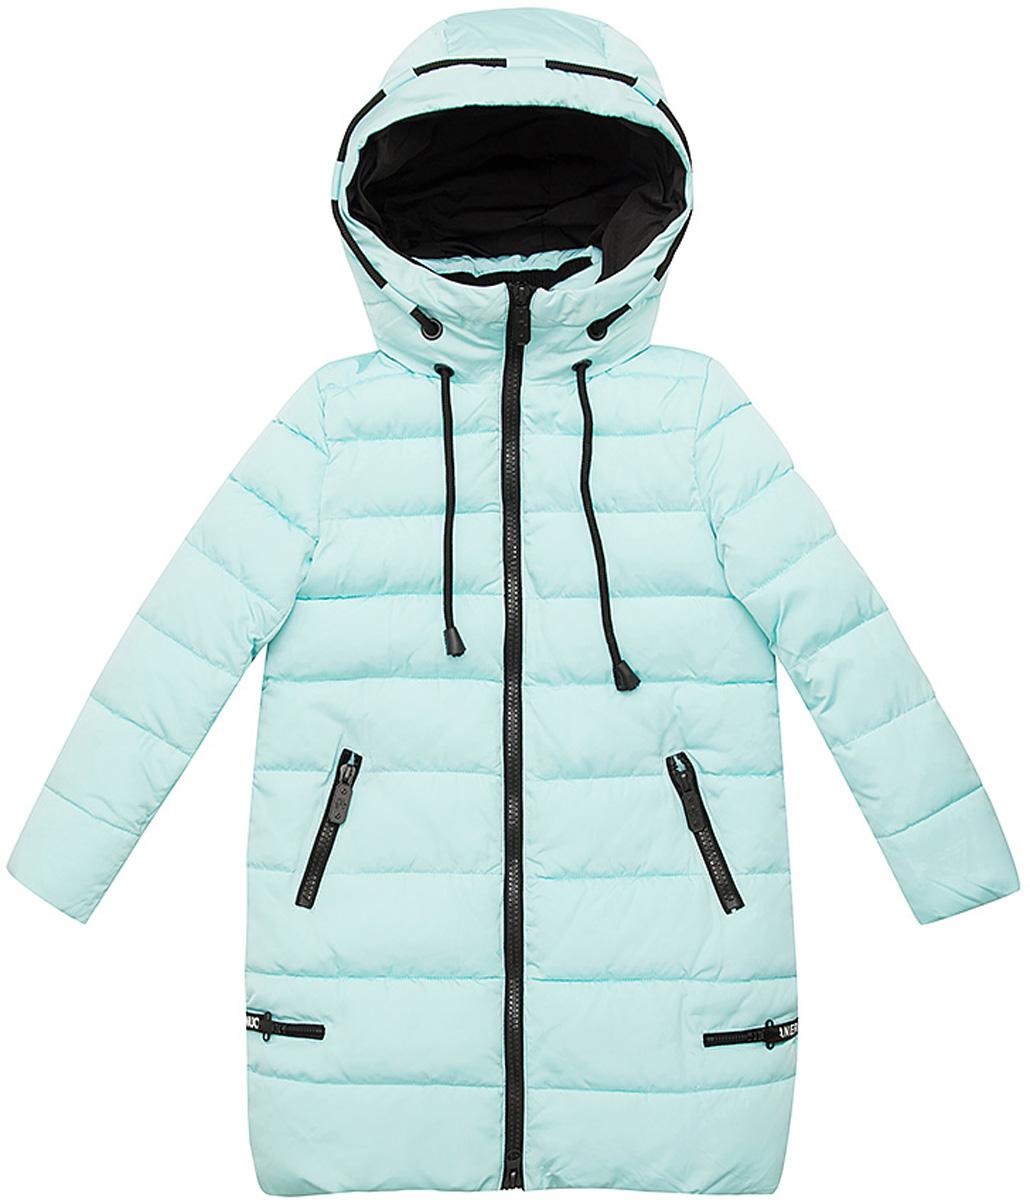 Куртка для девочки Vitacci, цвет: мятный. 2171454-32. Размер 1502171454-32Удлиненная куртка для девочки Vitacci, изготовленная из полиэстера, станет стильнымдополнением к детскому гардеробу.Подкладка выполнена из полиэстера и дополнительно утеплена флисом по спинке. В качестве утеплителя используется биопух.Модель с капюшоном и длинными рукавами застегивается на пластиковую застежку-молнию. Съемный капюшон регулируется в объеме при помощи шнурка.Температурный режим от -5 до -25 градусов.Красивый цвет, модный силуэтобеспечивают куртке прекрасный внешний вид! Теплая, удобная и практичная куртка идеально подойдет юной моднице для прогулок!